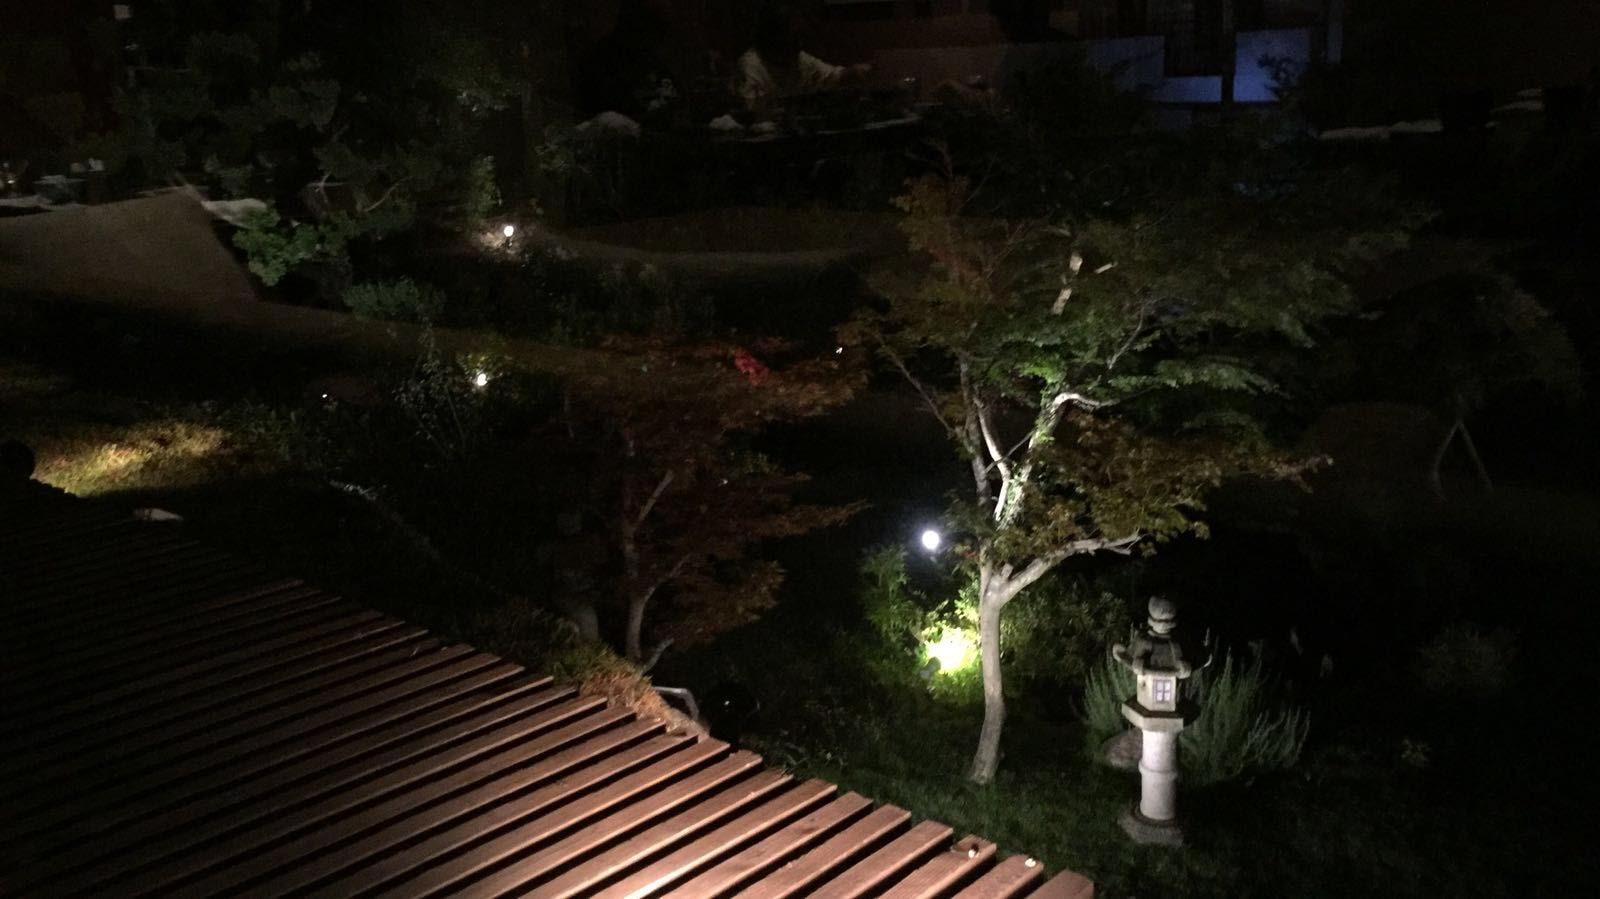 Night garden view